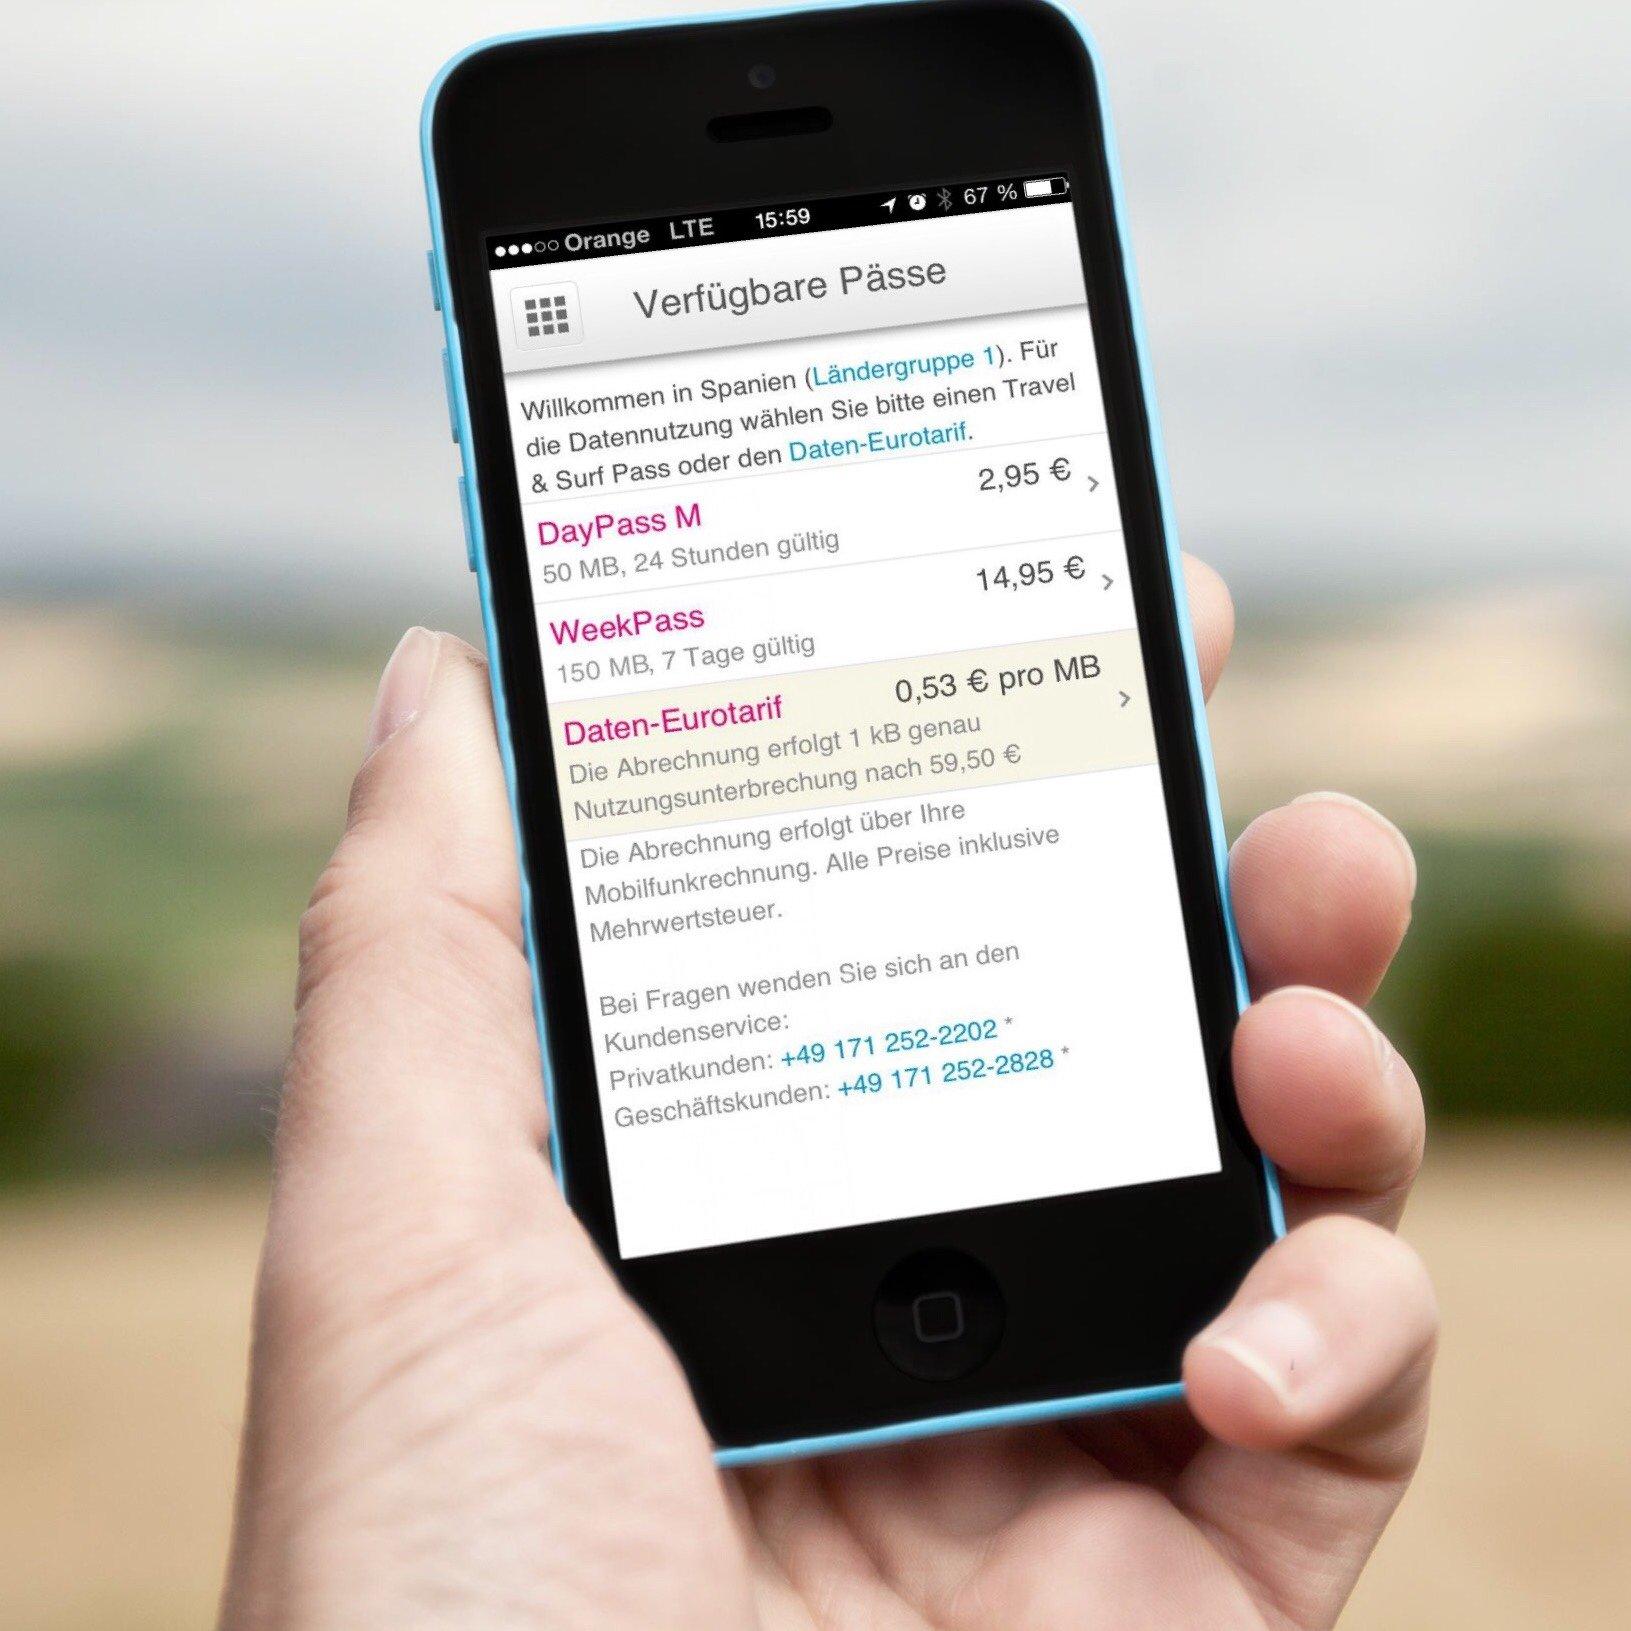 iPhone-Roaming-T-Mobile-Mobiles-Netz-2.jpg